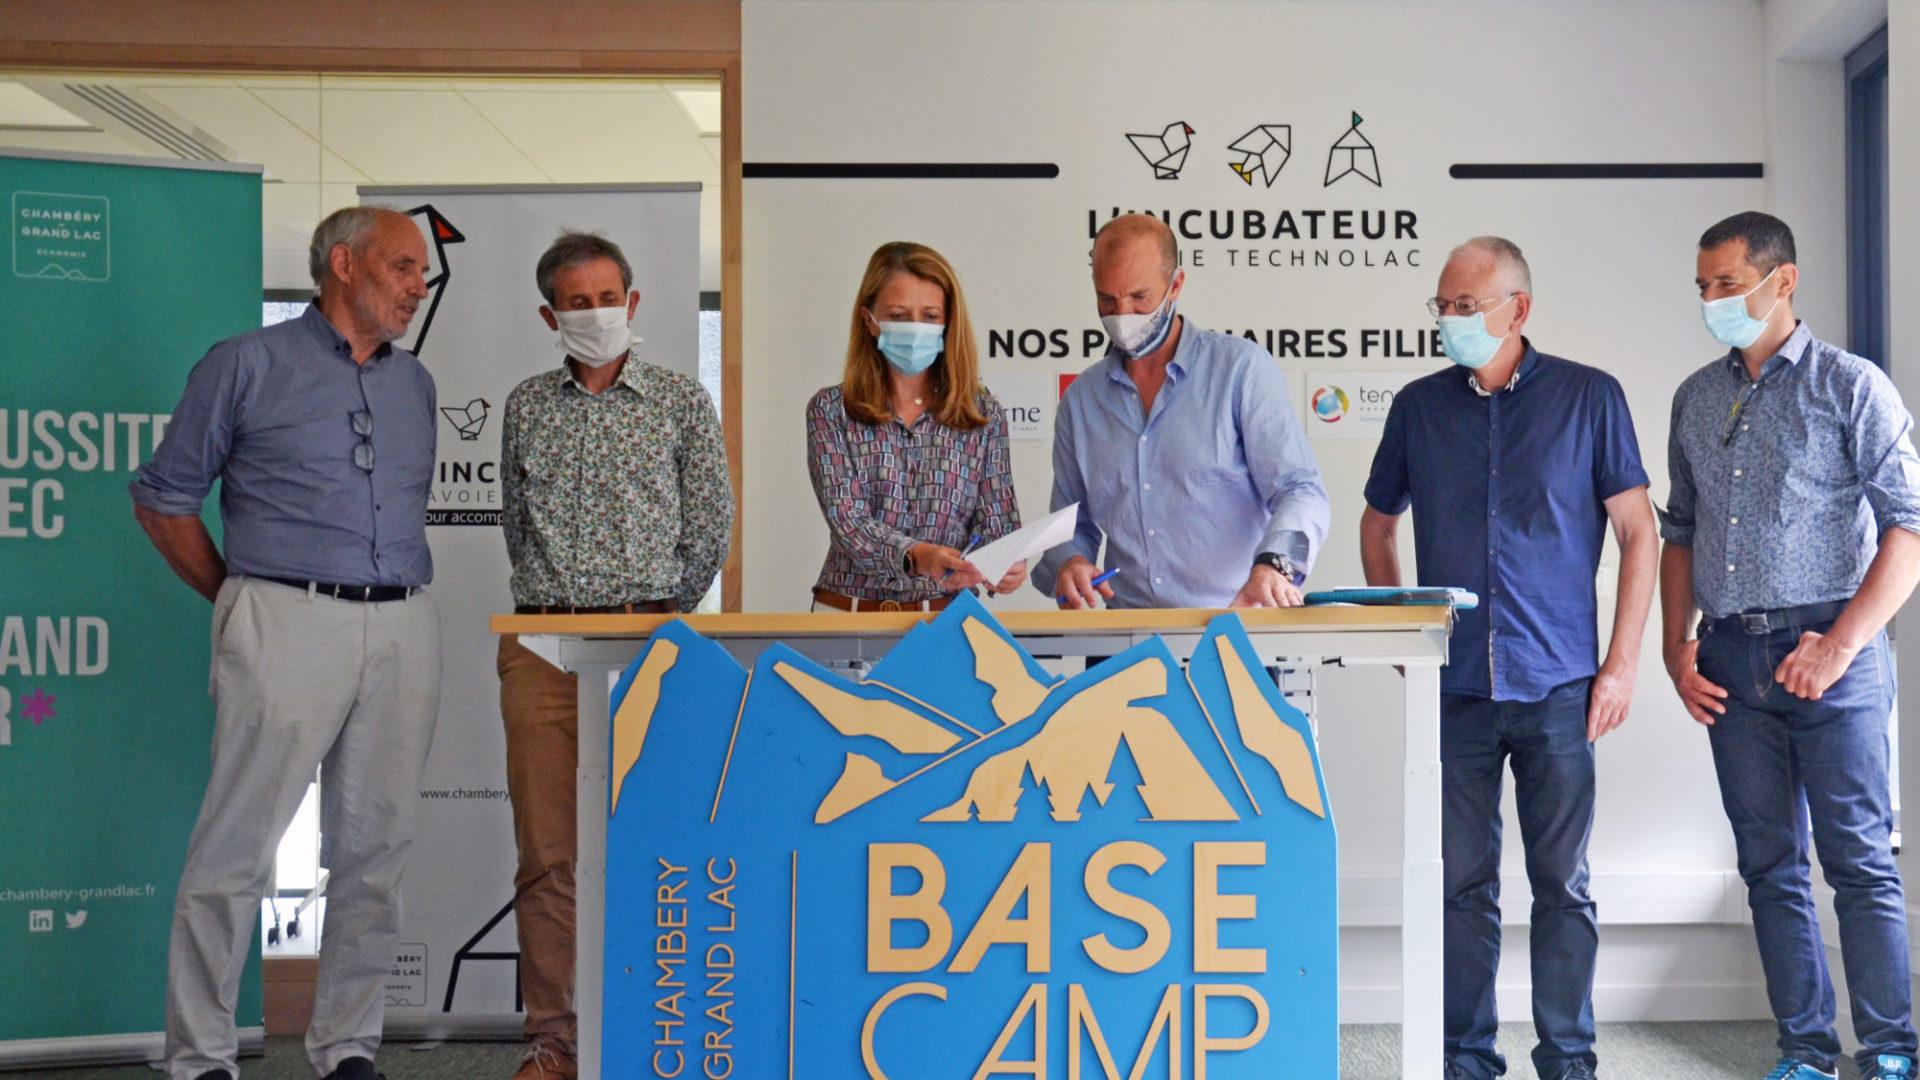 Le Pôle Entrepreneuriat de Savoie Technolac accueille le nouveau «Base Camp» d'Outdoor Sports Valley